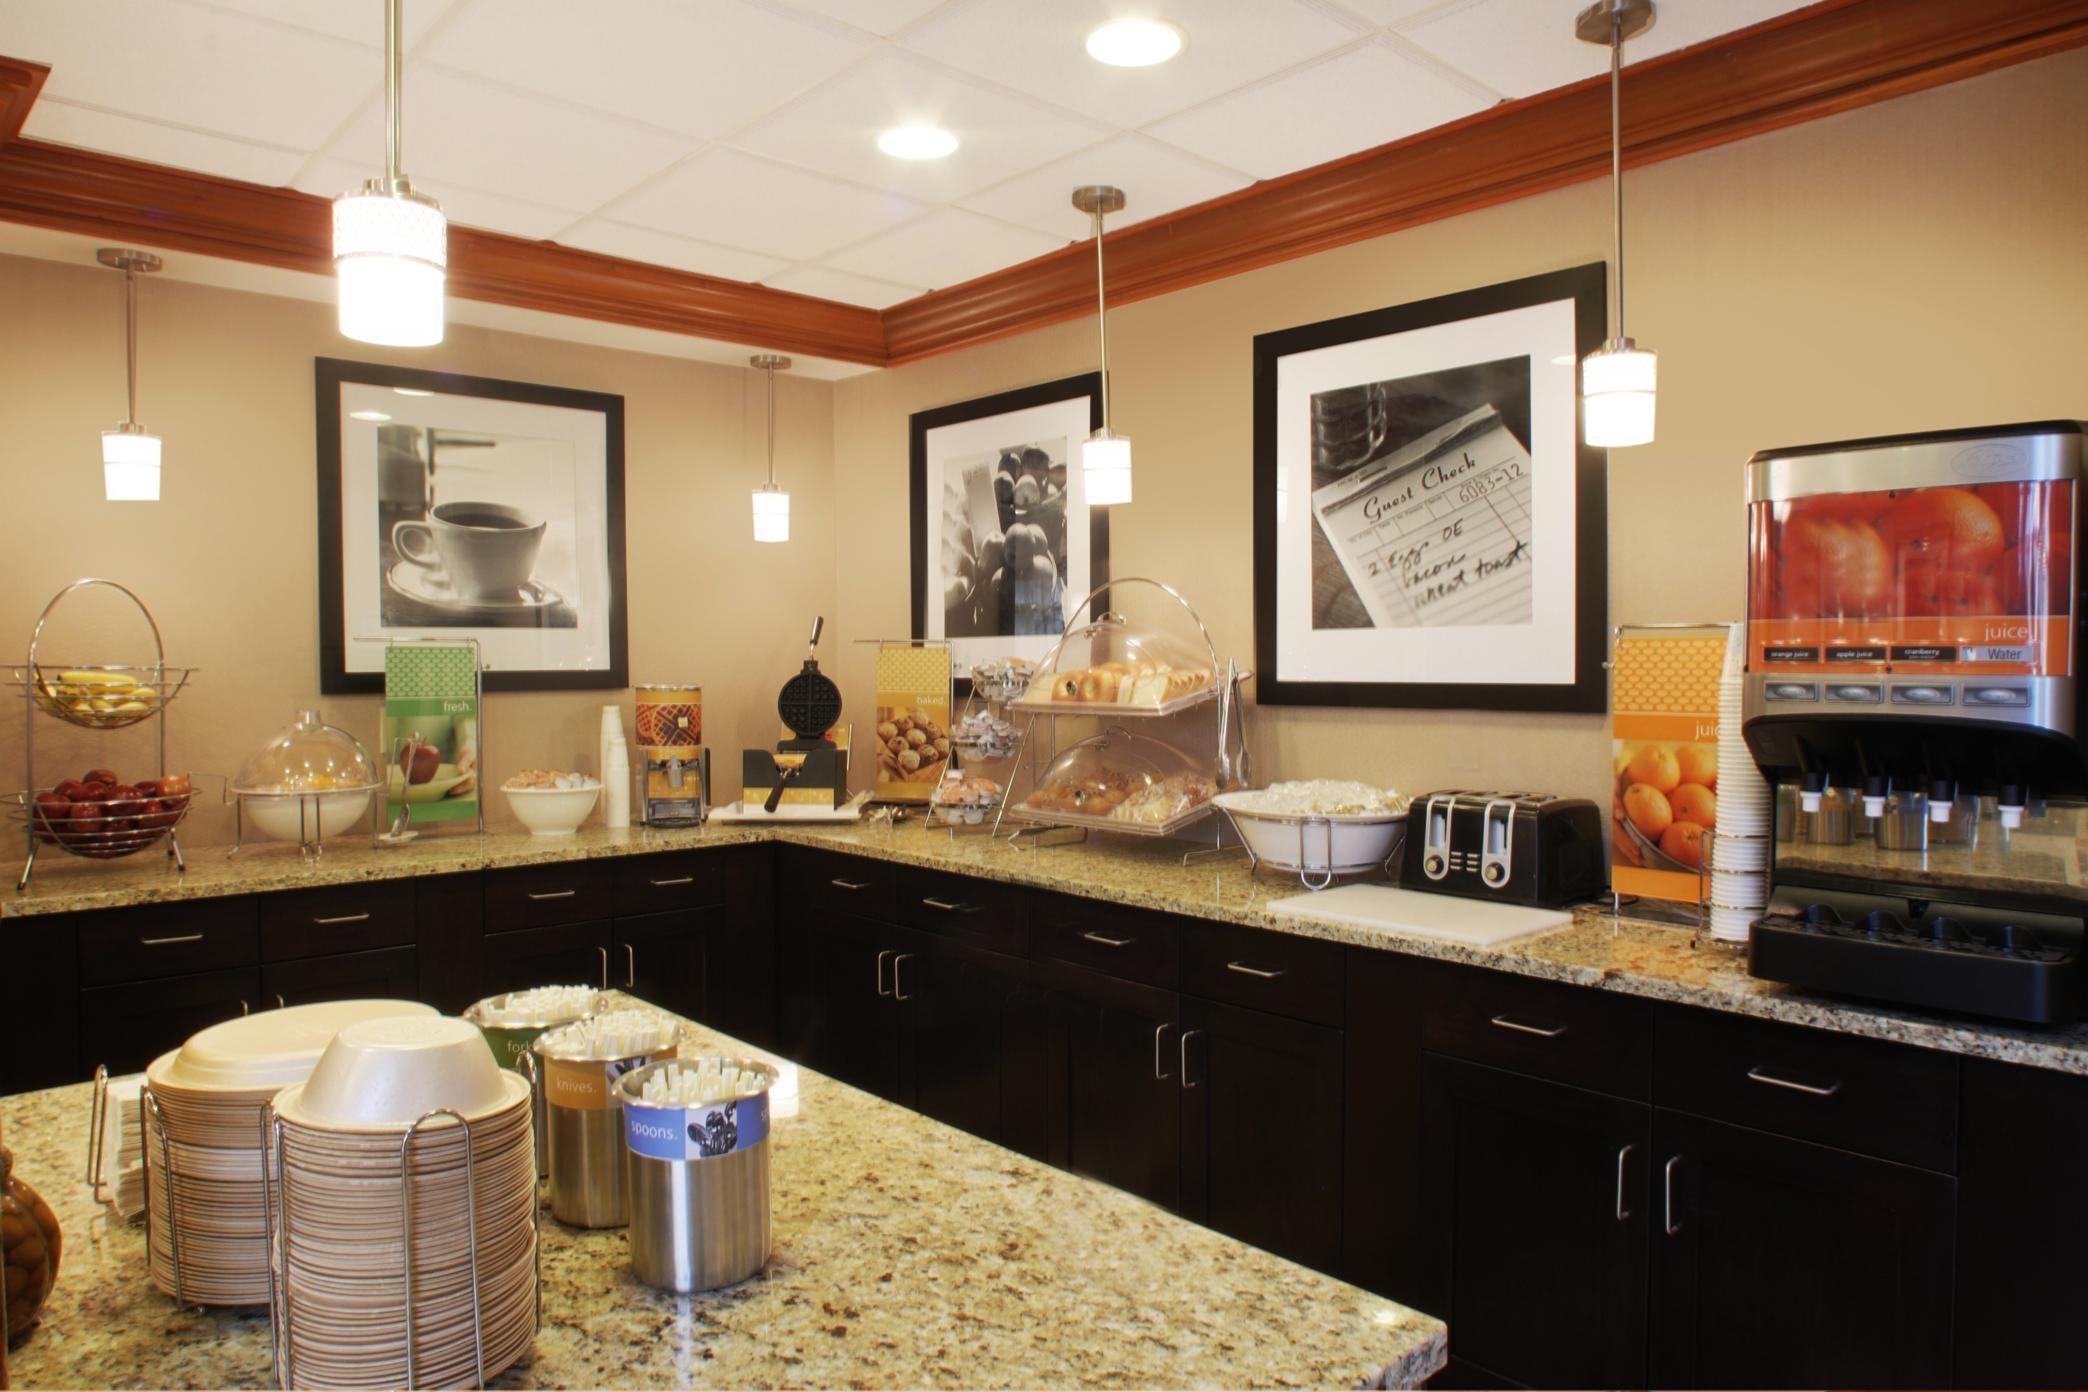 Hampton Inn & Suites Port St. Lucie, West image 6